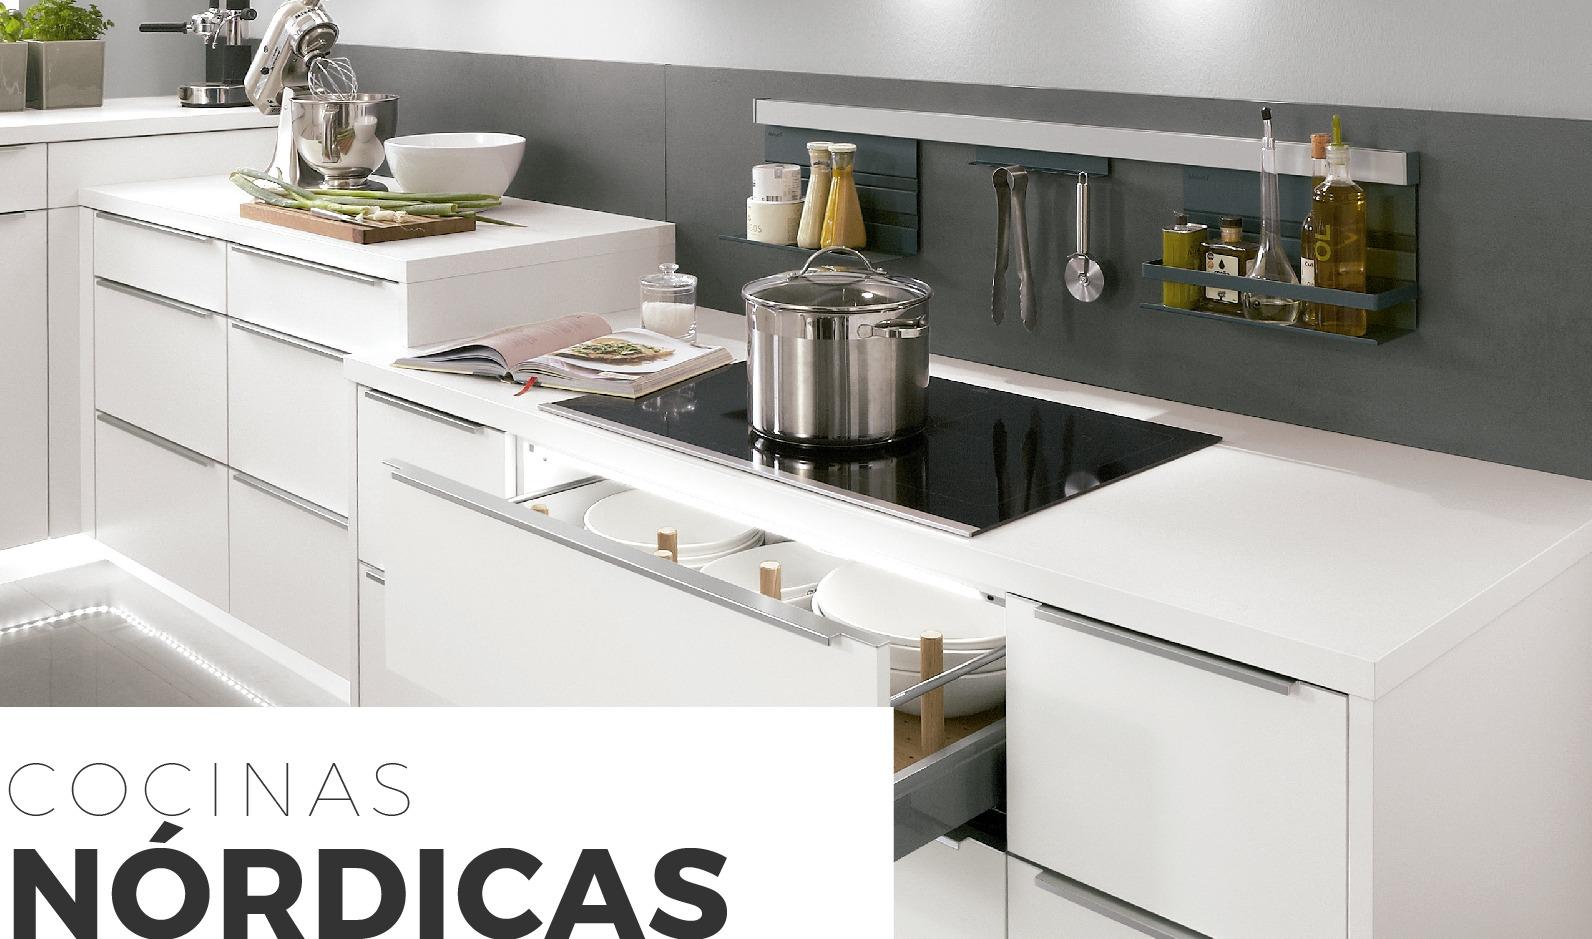 Cocinas Nórdicas Kouch Sevilla